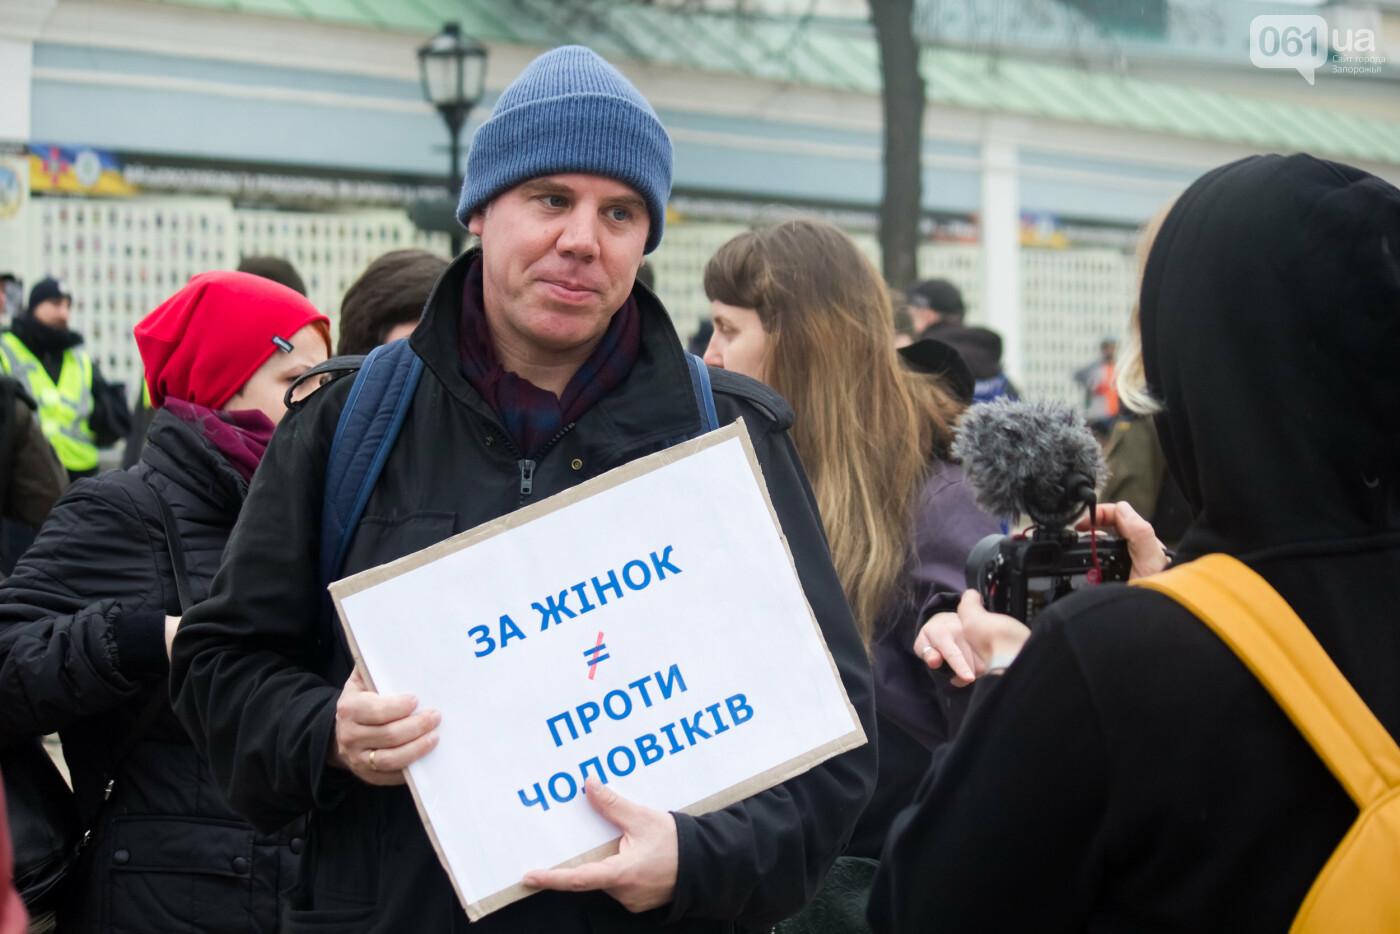 5 историй запорожцев, которые вышли на Марш женщин в Киеве: почему для них это важно, - ФОТОРЕПОРТАЖ, фото-10